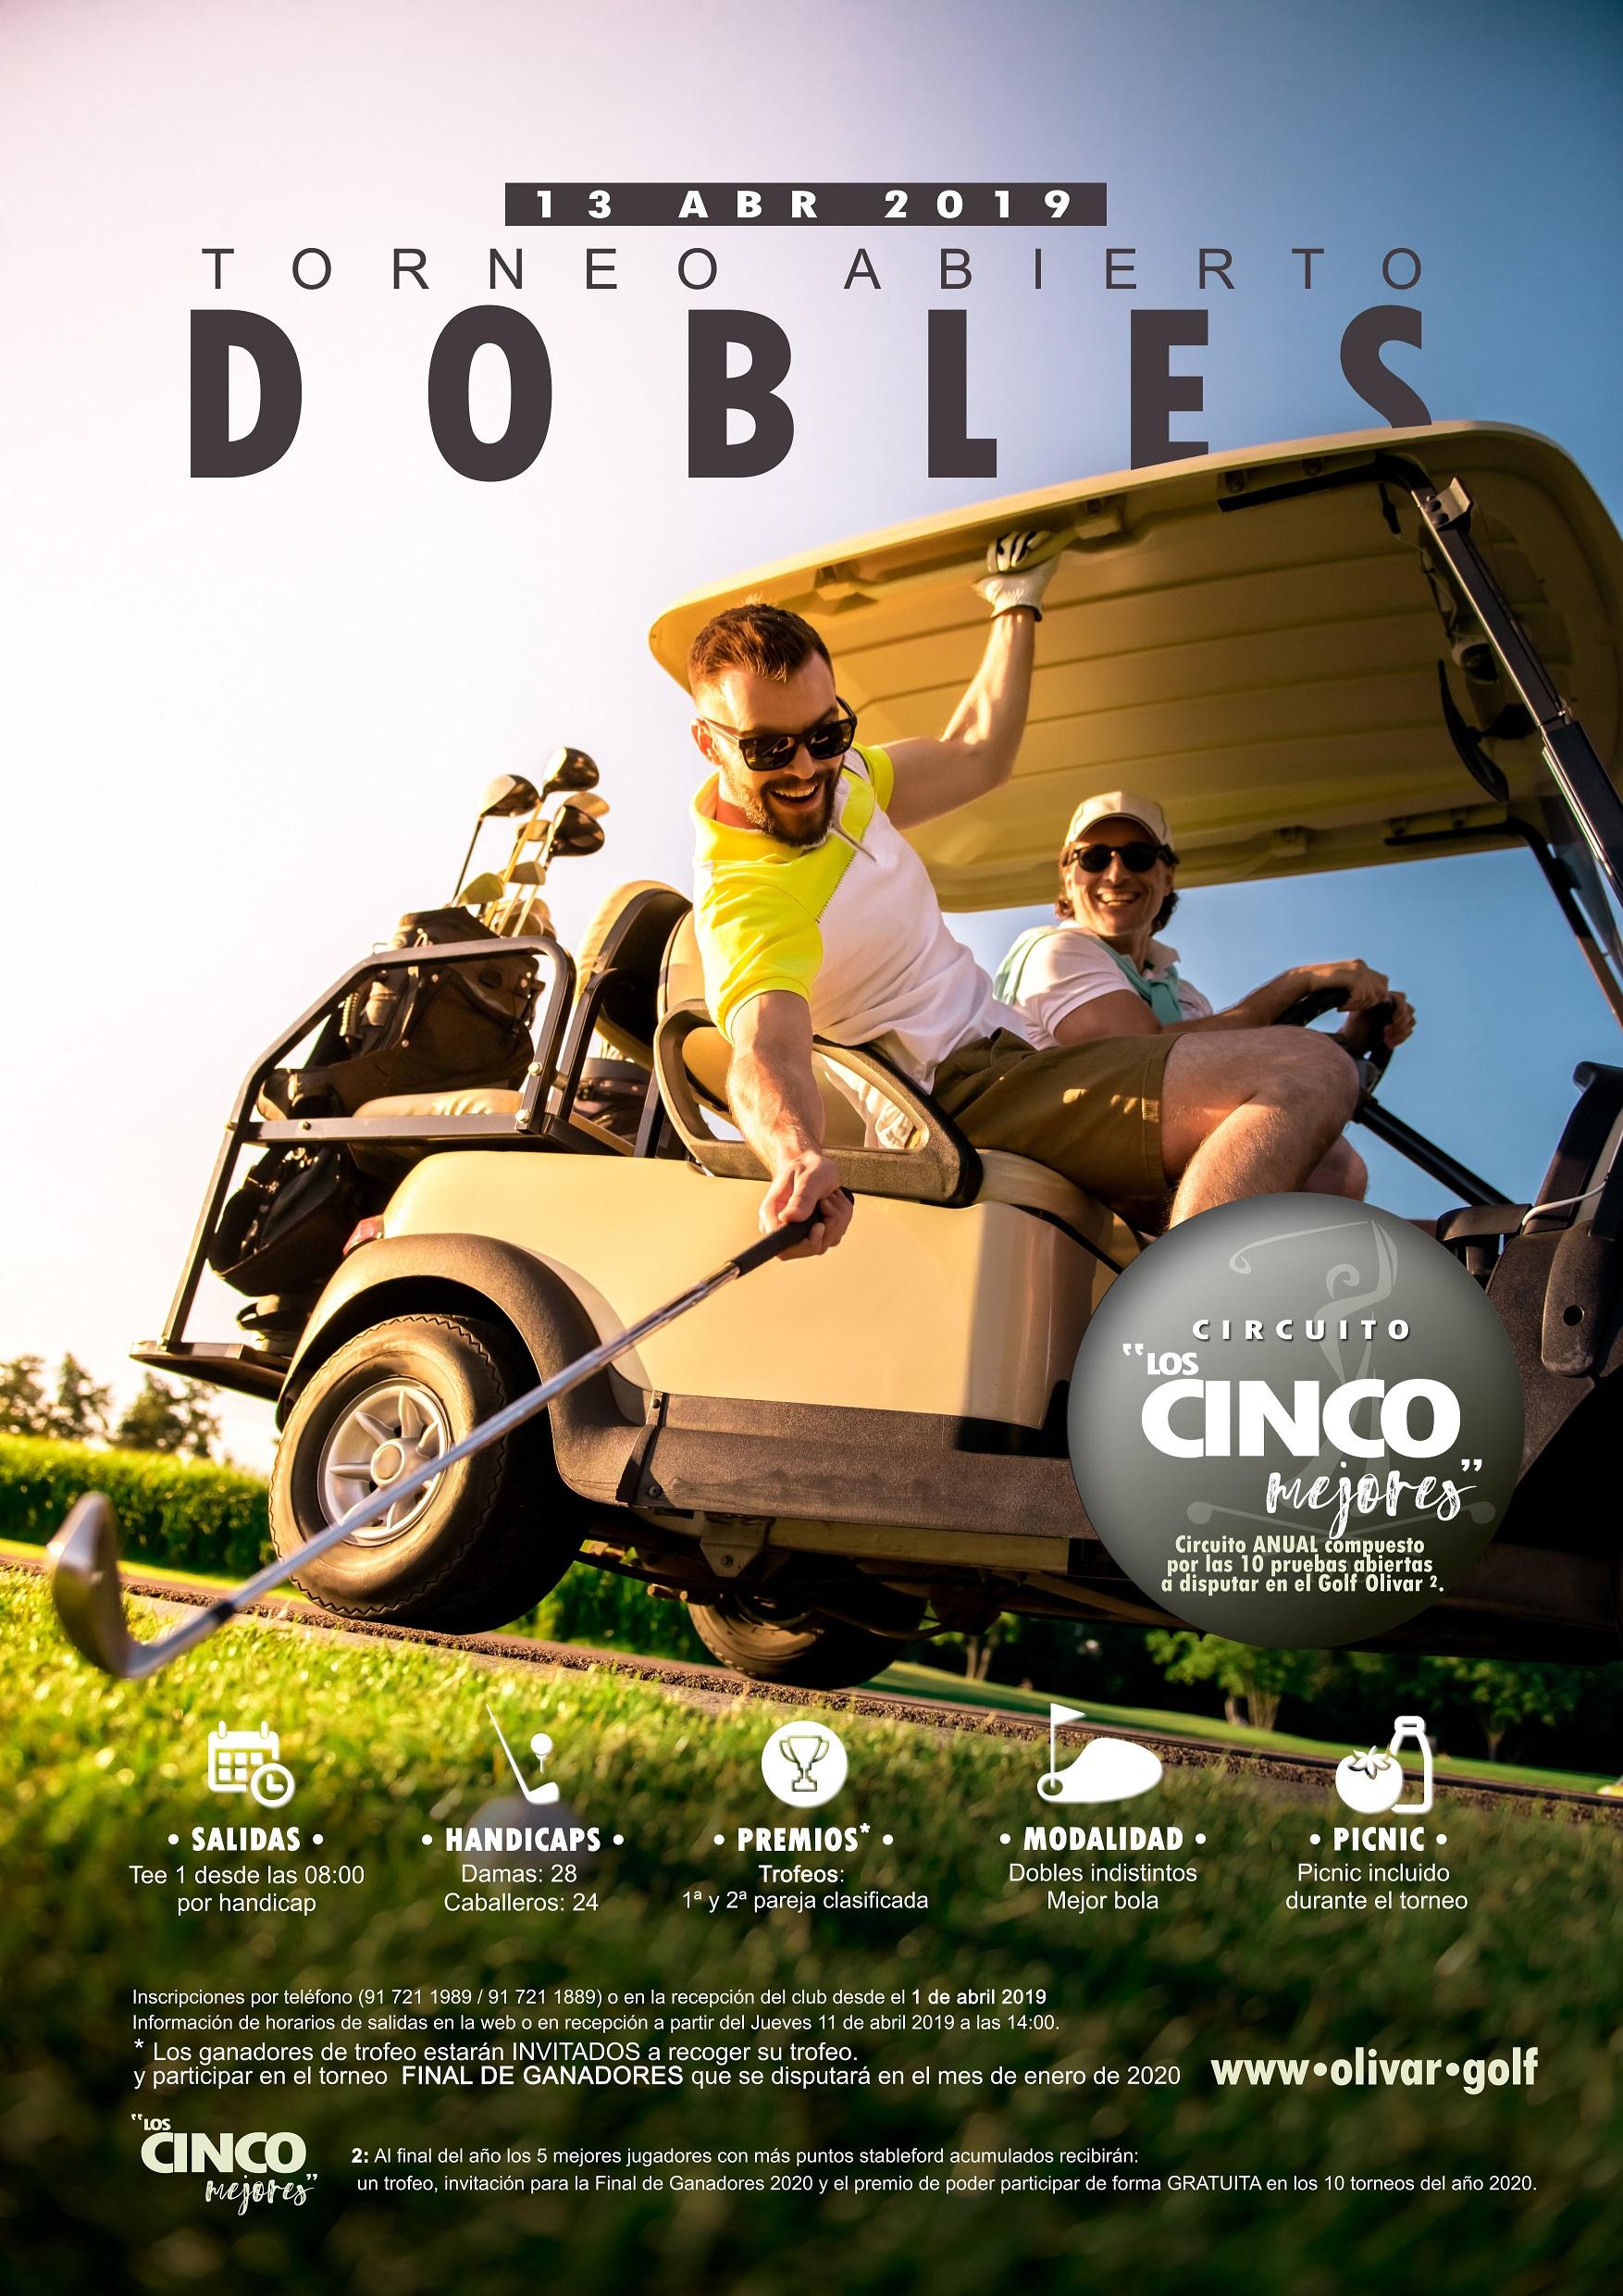 Torneo Cartel Golf Joaquin Molpeceres Perfect Pixel Publicidad